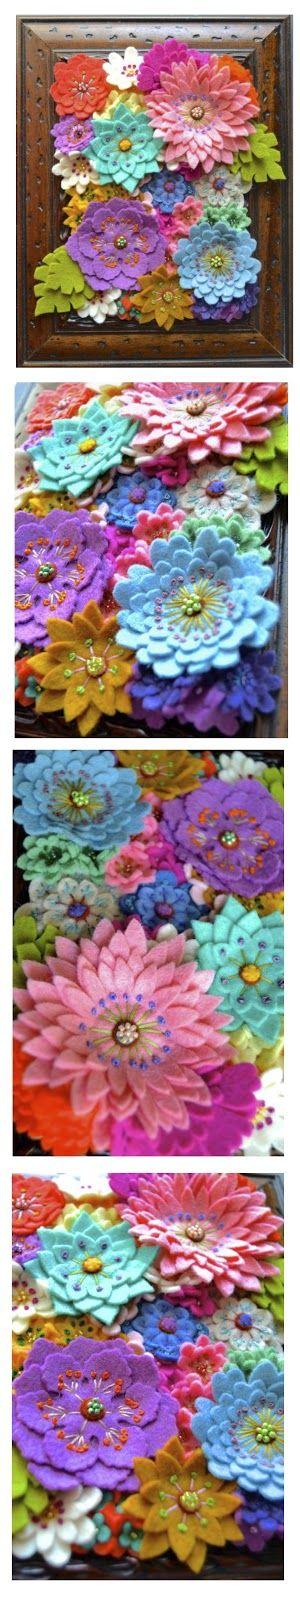 Cuadro de flores de fieltro. Flower painting with felt.  フェルトの花の絵画